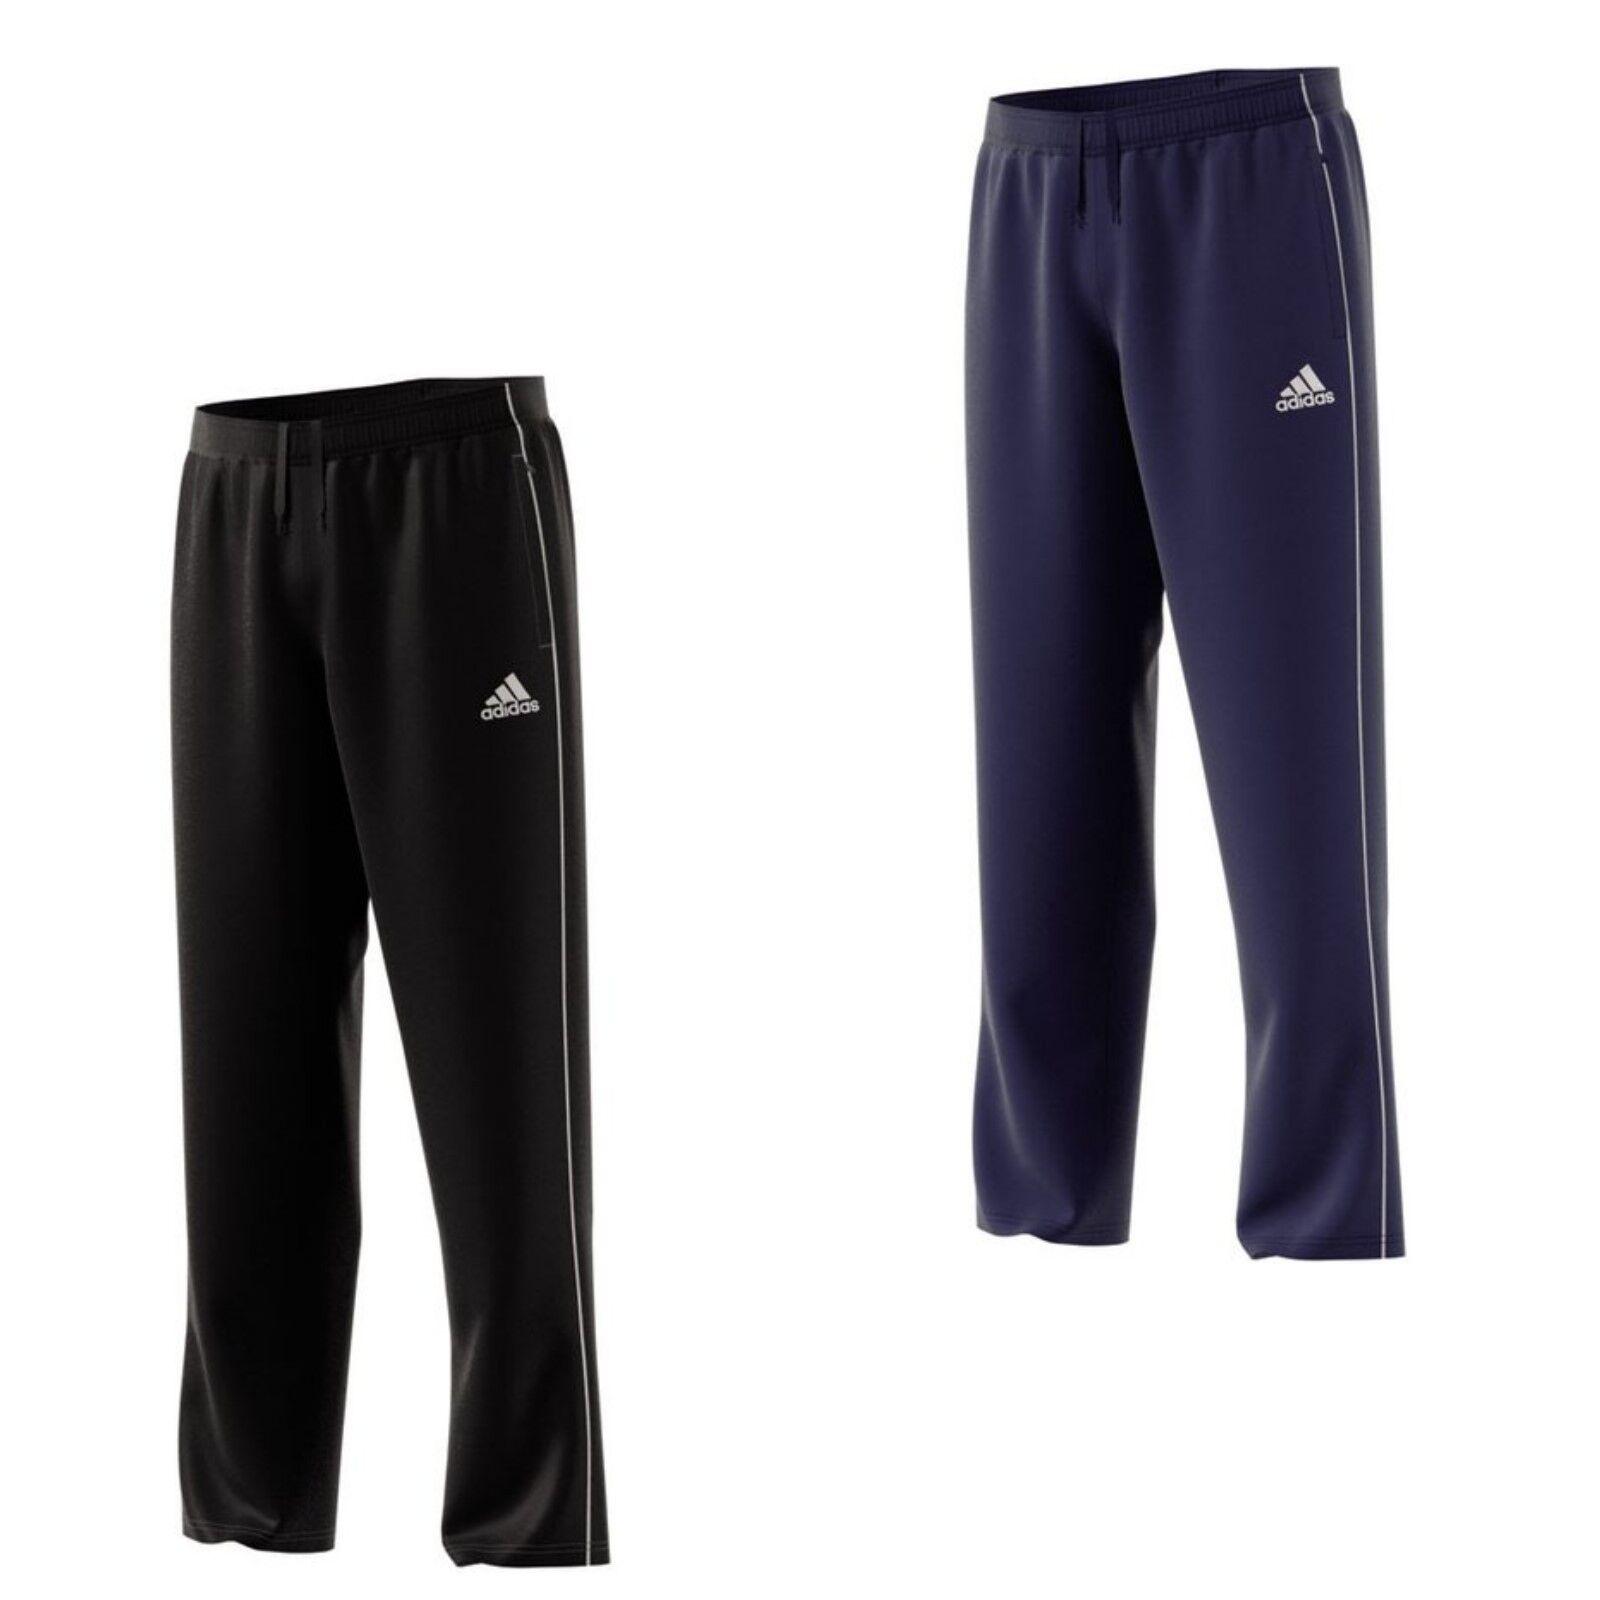 f052422cb071c2 adidas Sporthose Trainingshose Herren Reißverschluss Taschen schwarz blau  Hose